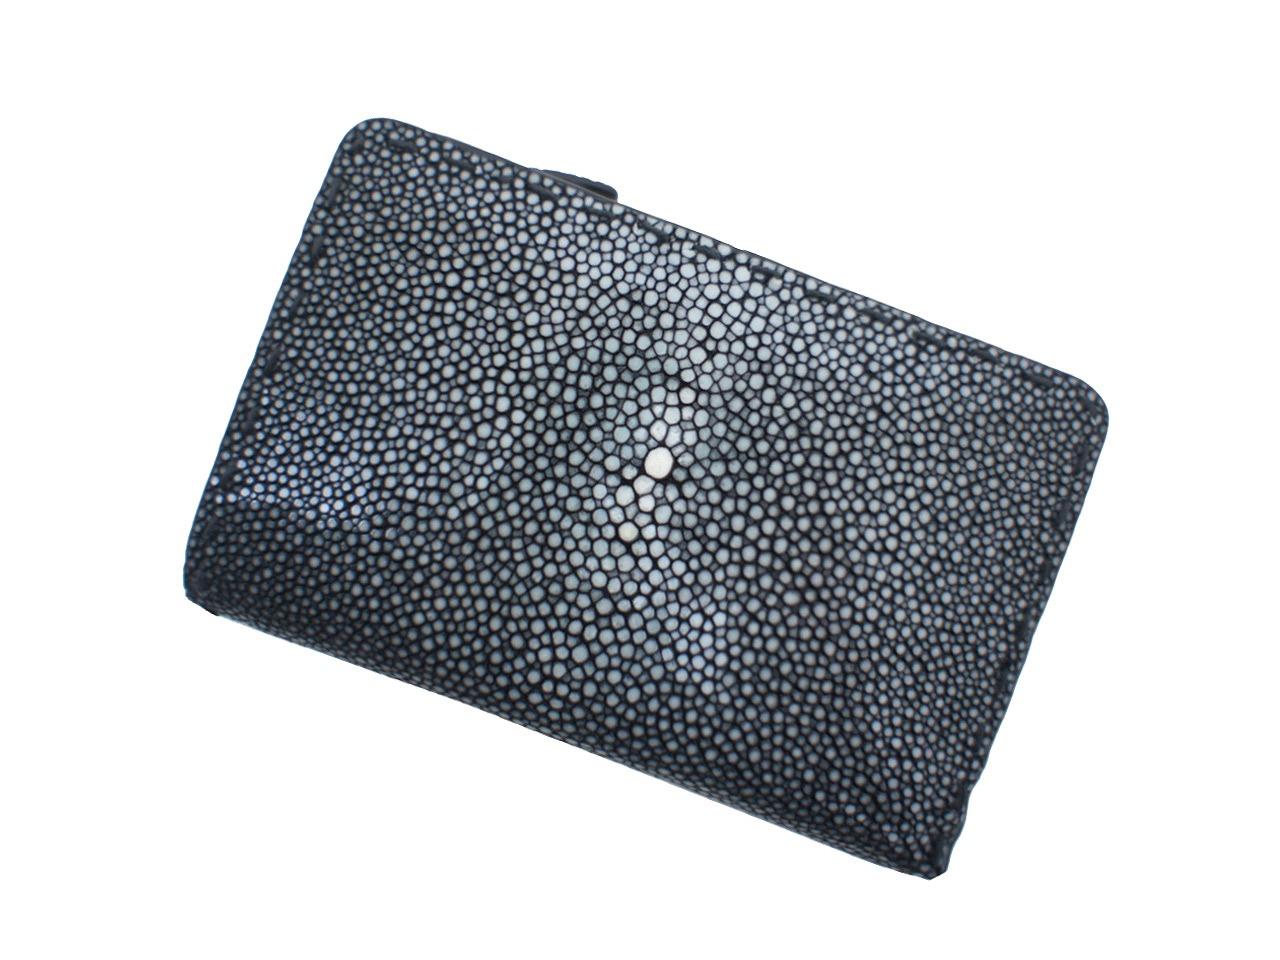 L.E.D.BITES RAY エルイーディーバイツ スティングレイ(エイ革) メンズ財布 二つ折り財布(ラウンドファスナー小銭入れあり) B-2342